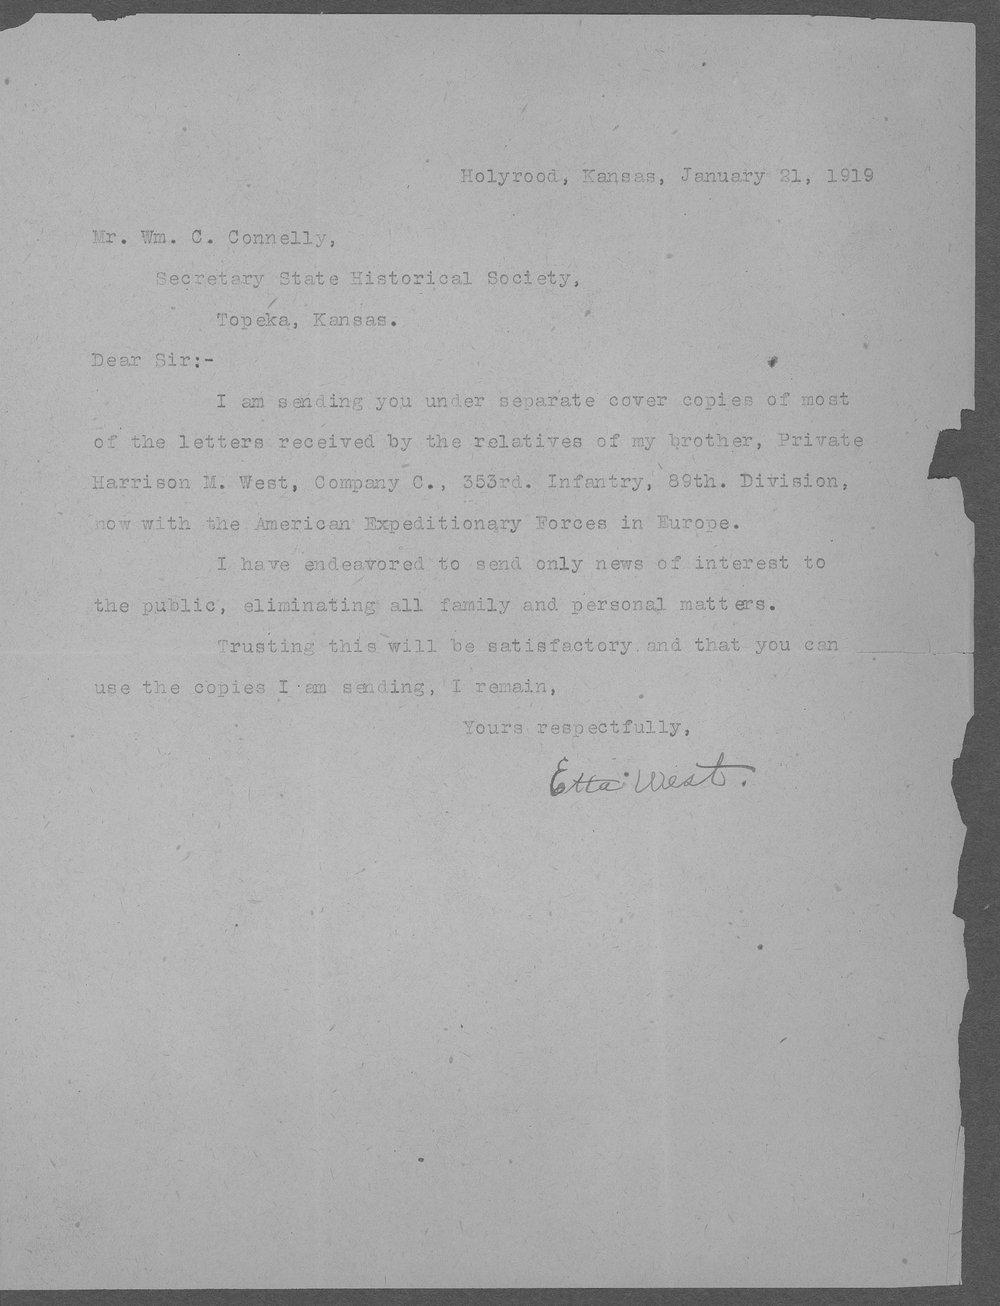 Harrison M. West, World War I soldier - 9